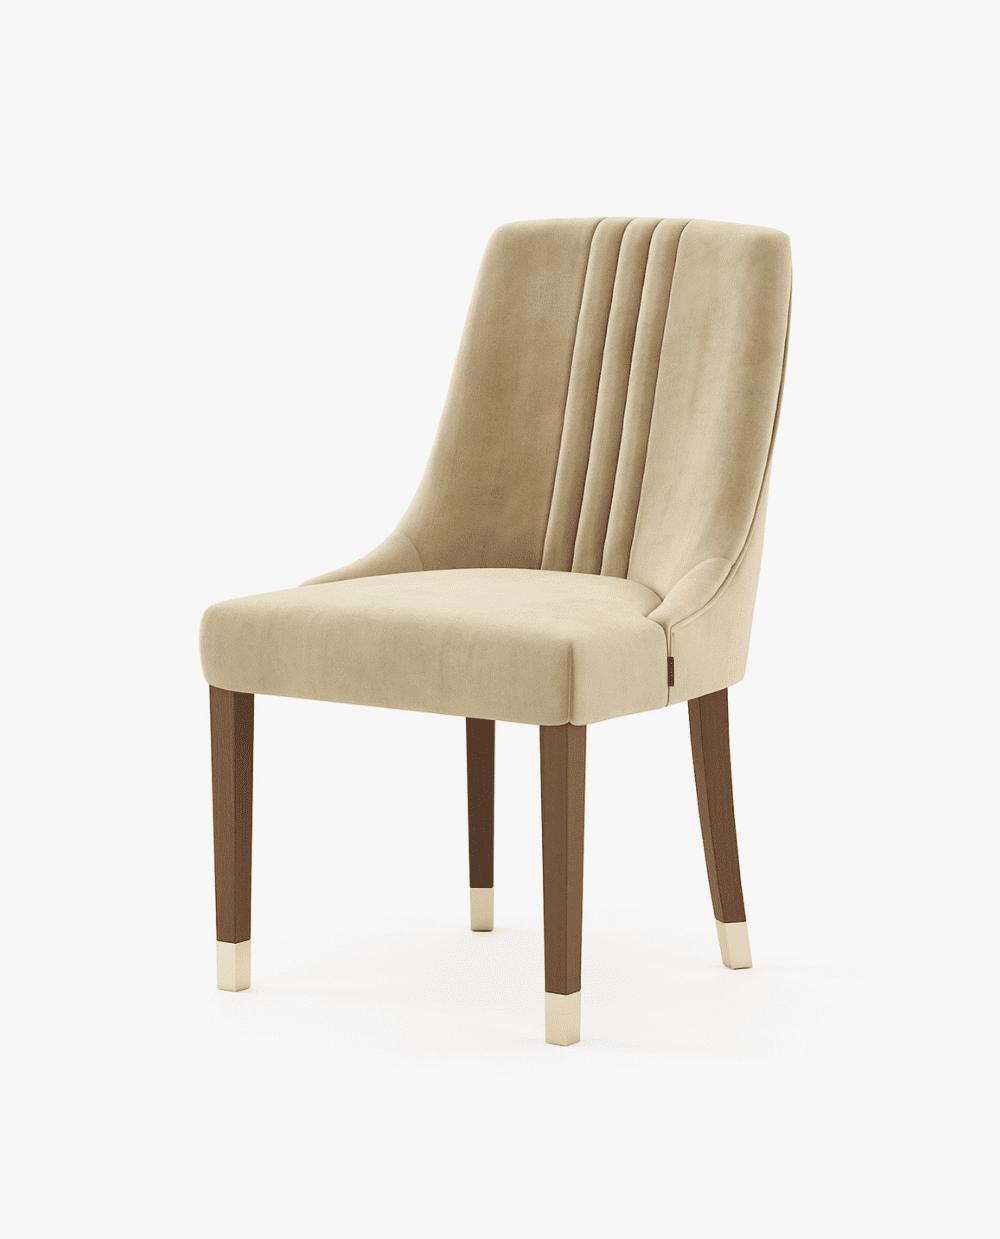 cadeira moderna com tecido camel